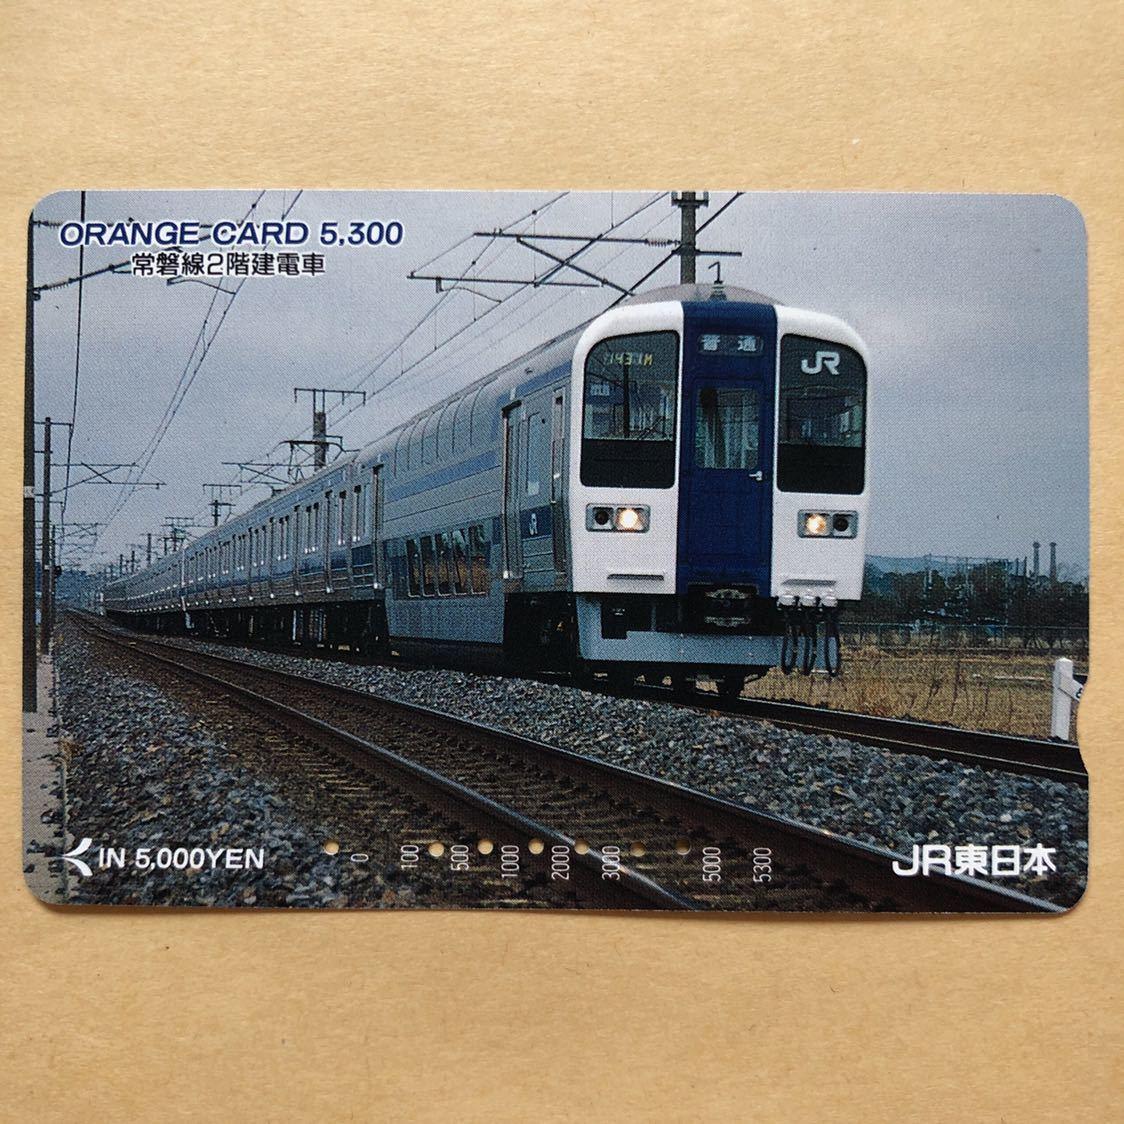 【使用済】 オレンジカード JR東日本 額面5300円 常磐線2階建電車_画像1